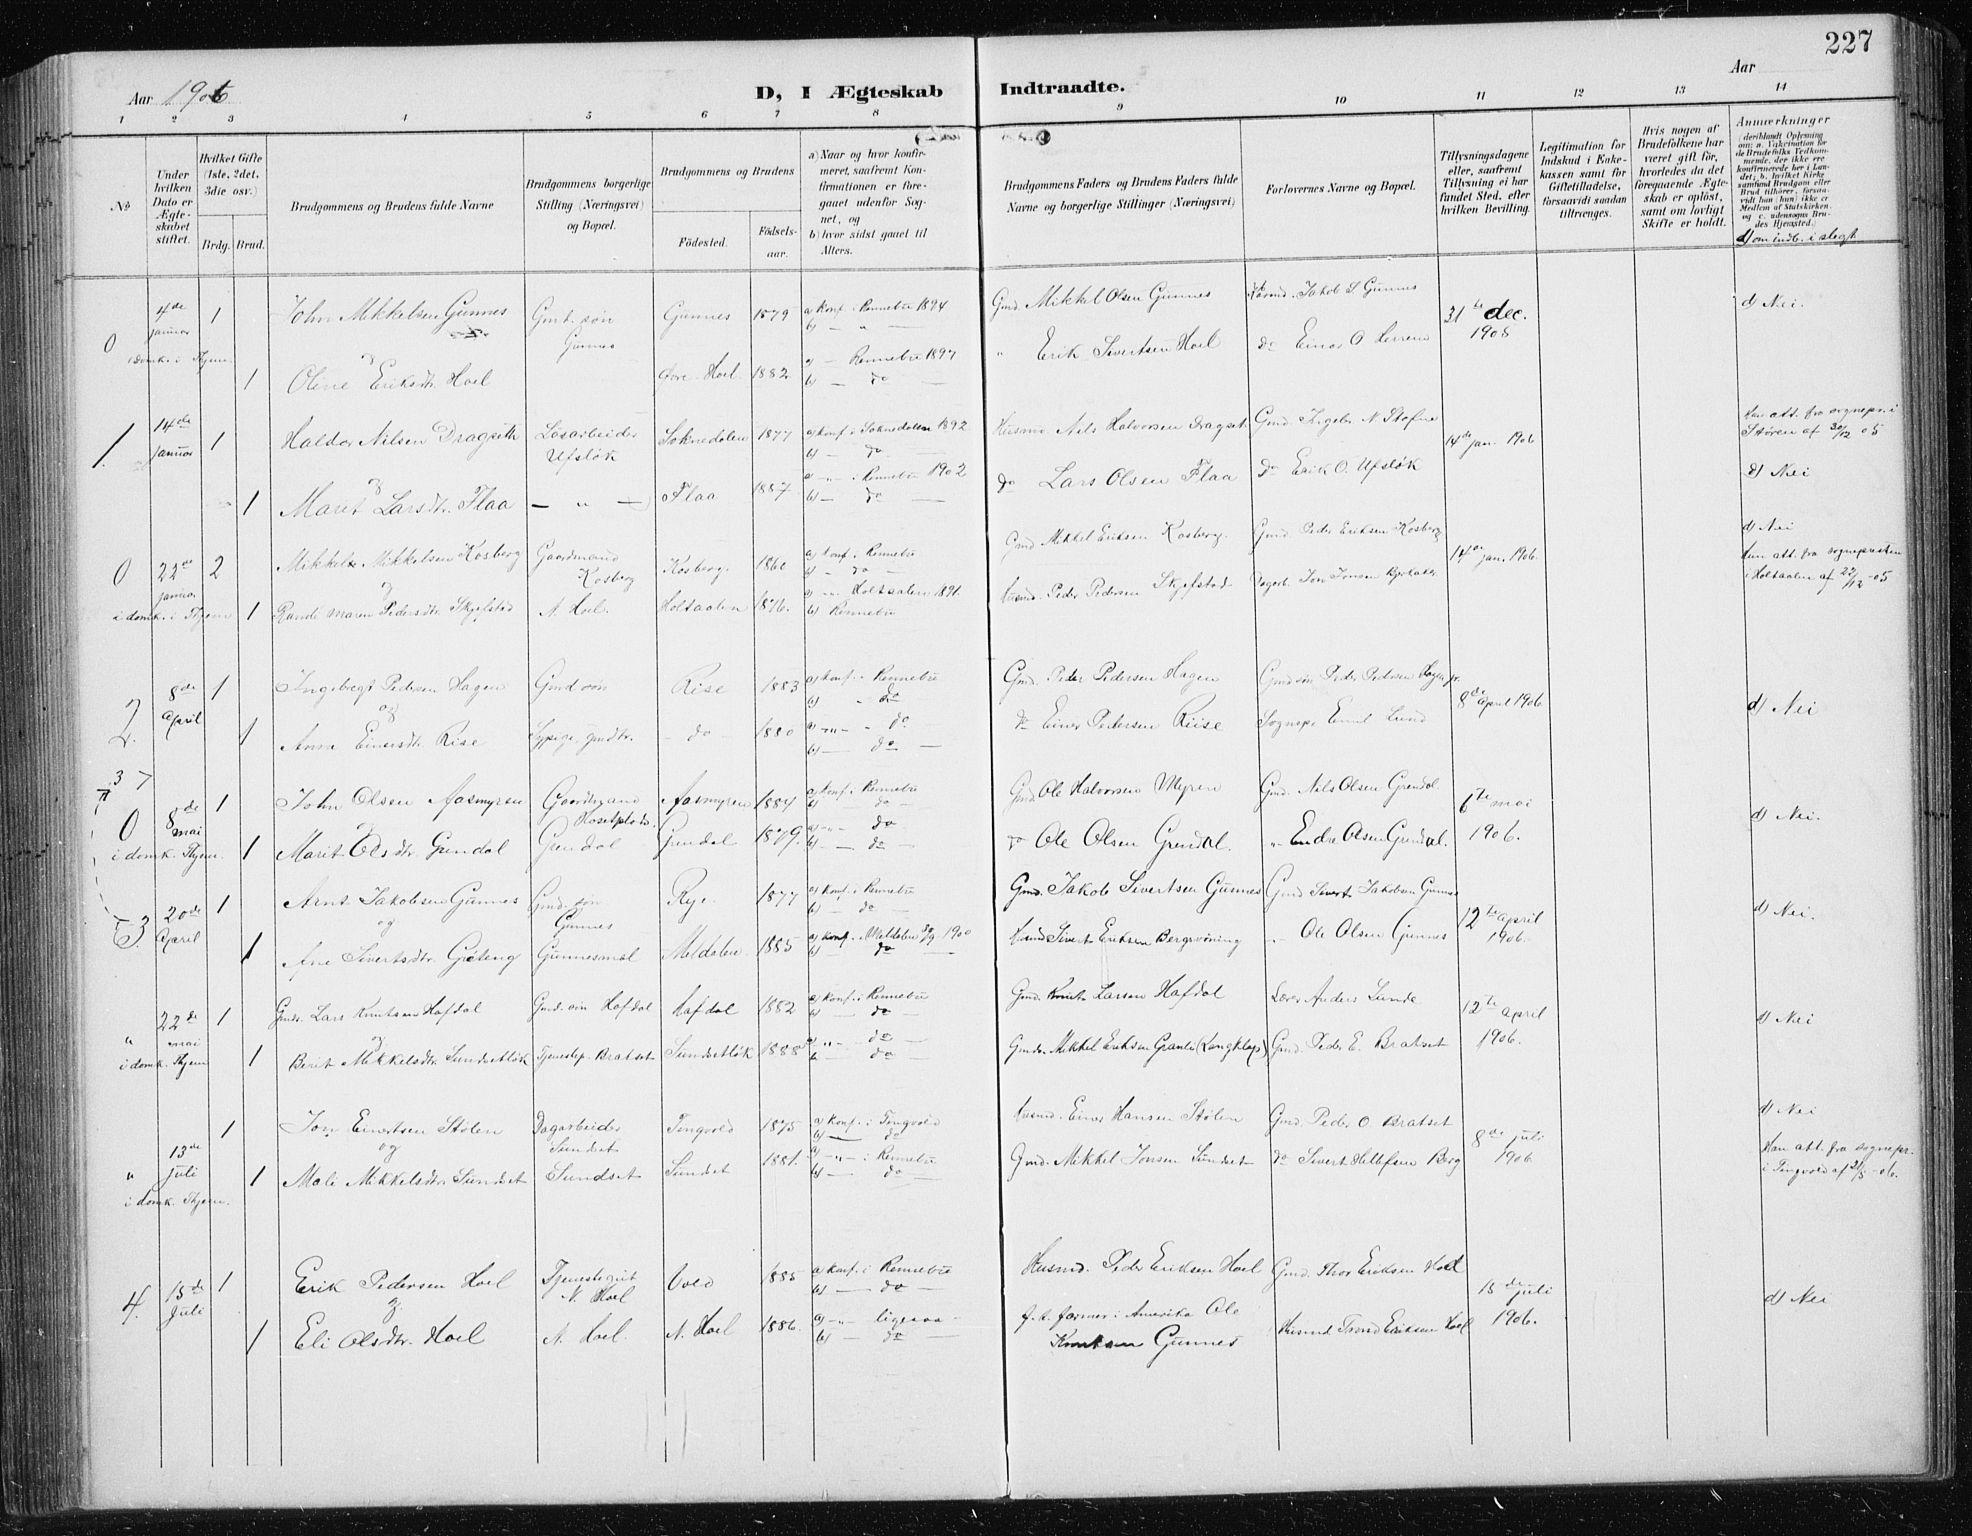 SAT, Ministerialprotokoller, klokkerbøker og fødselsregistre - Sør-Trøndelag, 674/L0876: Klokkerbok nr. 674C03, 1892-1912, s. 227